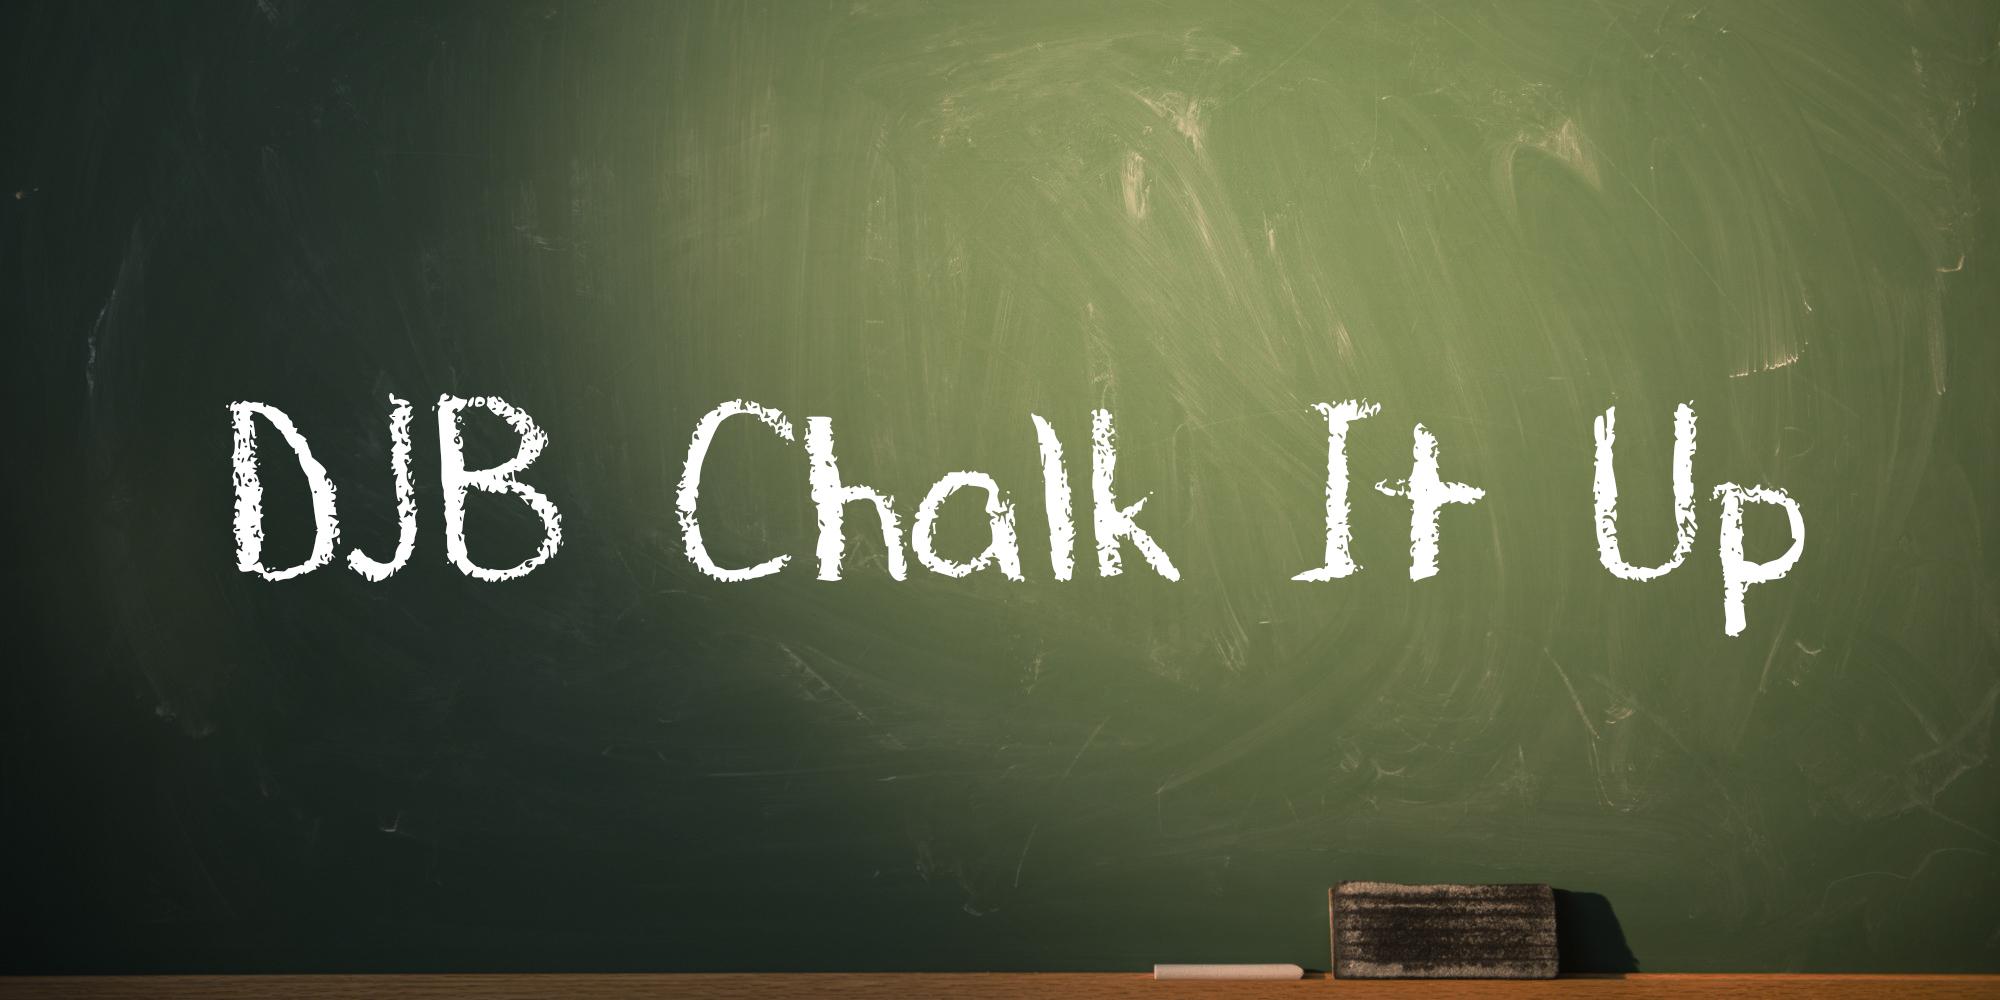 Studio Shot of chalkboard